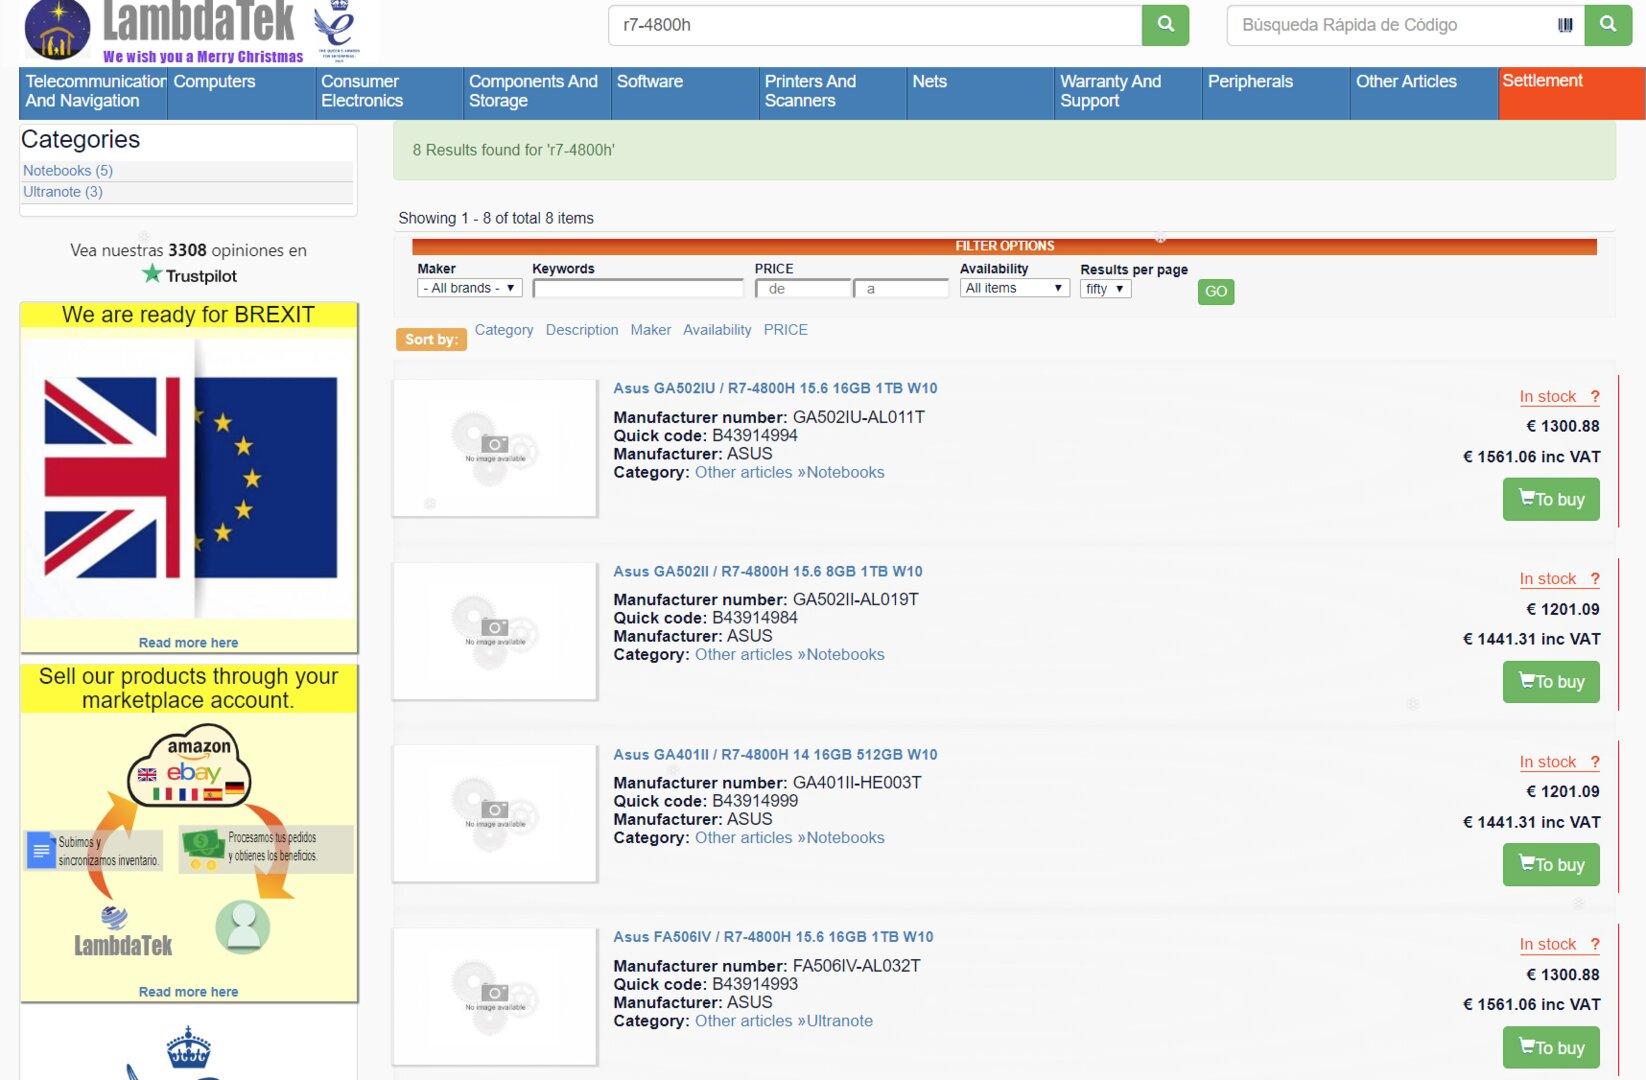 Händler listet Asus-Notebooks mit Ryzen 7 4800H(S) und Ryzen 5 4600H(S)